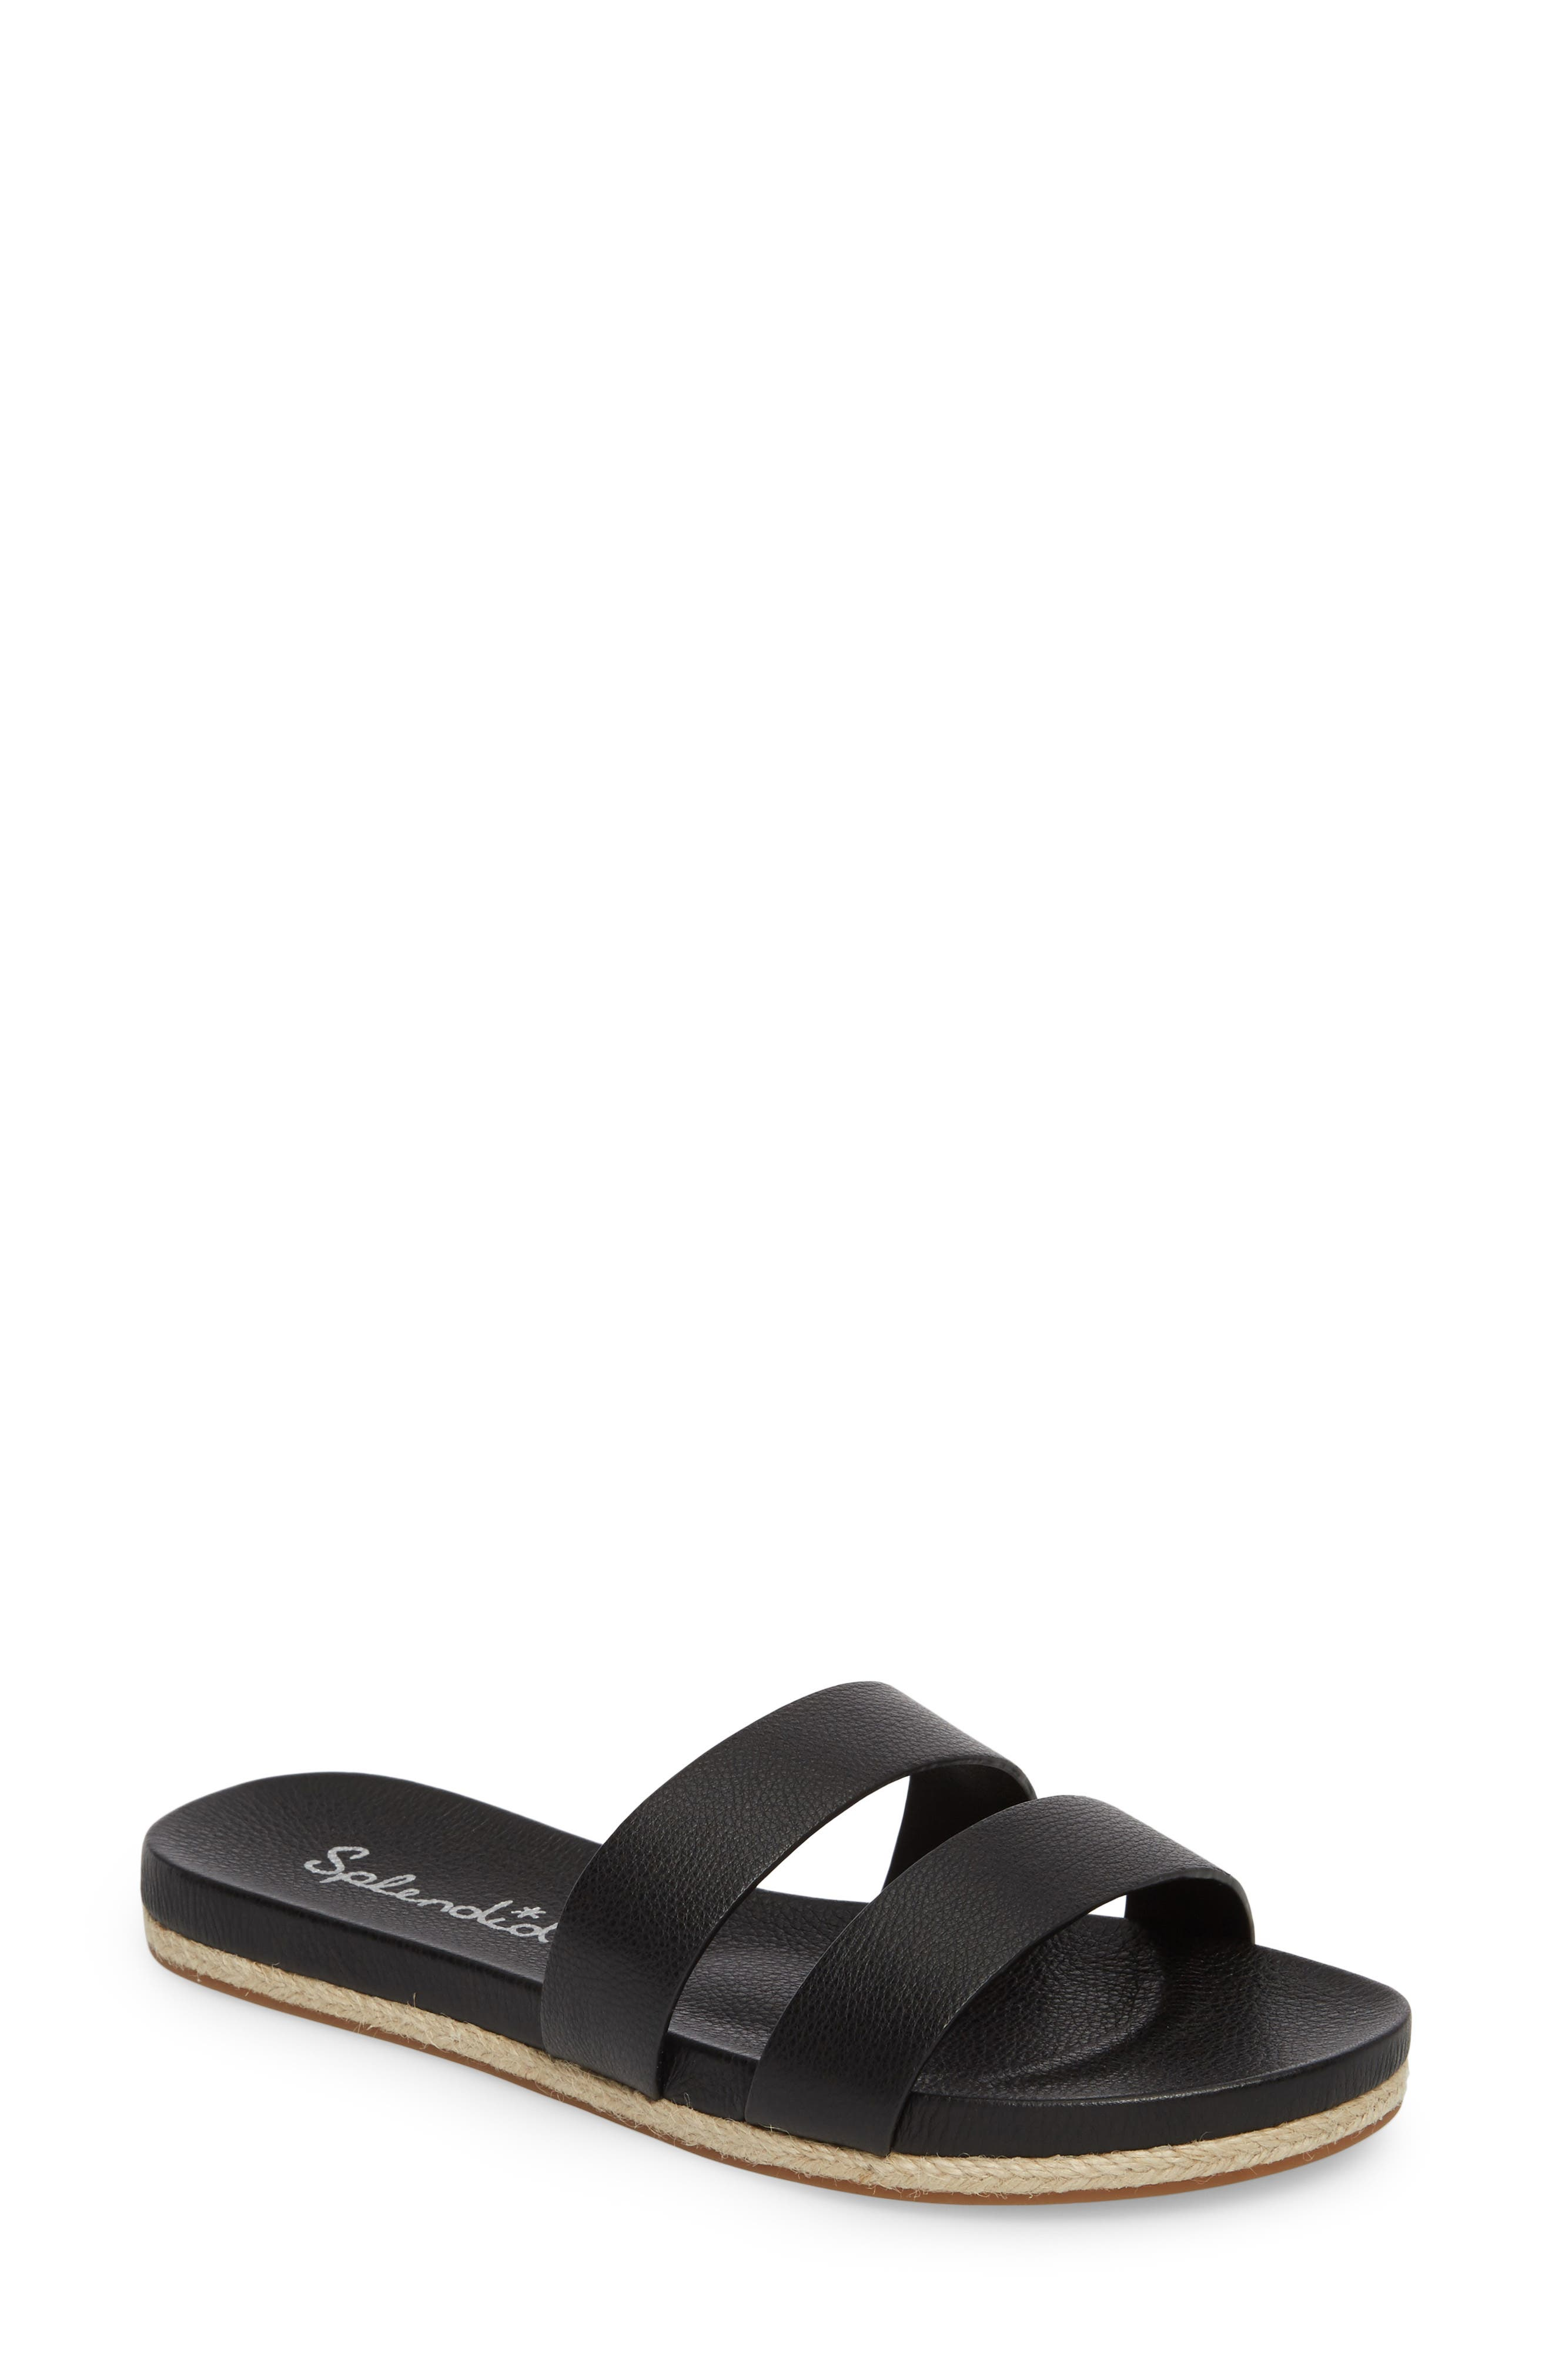 Brittani Slide Sandal,                         Main,                         color, 002